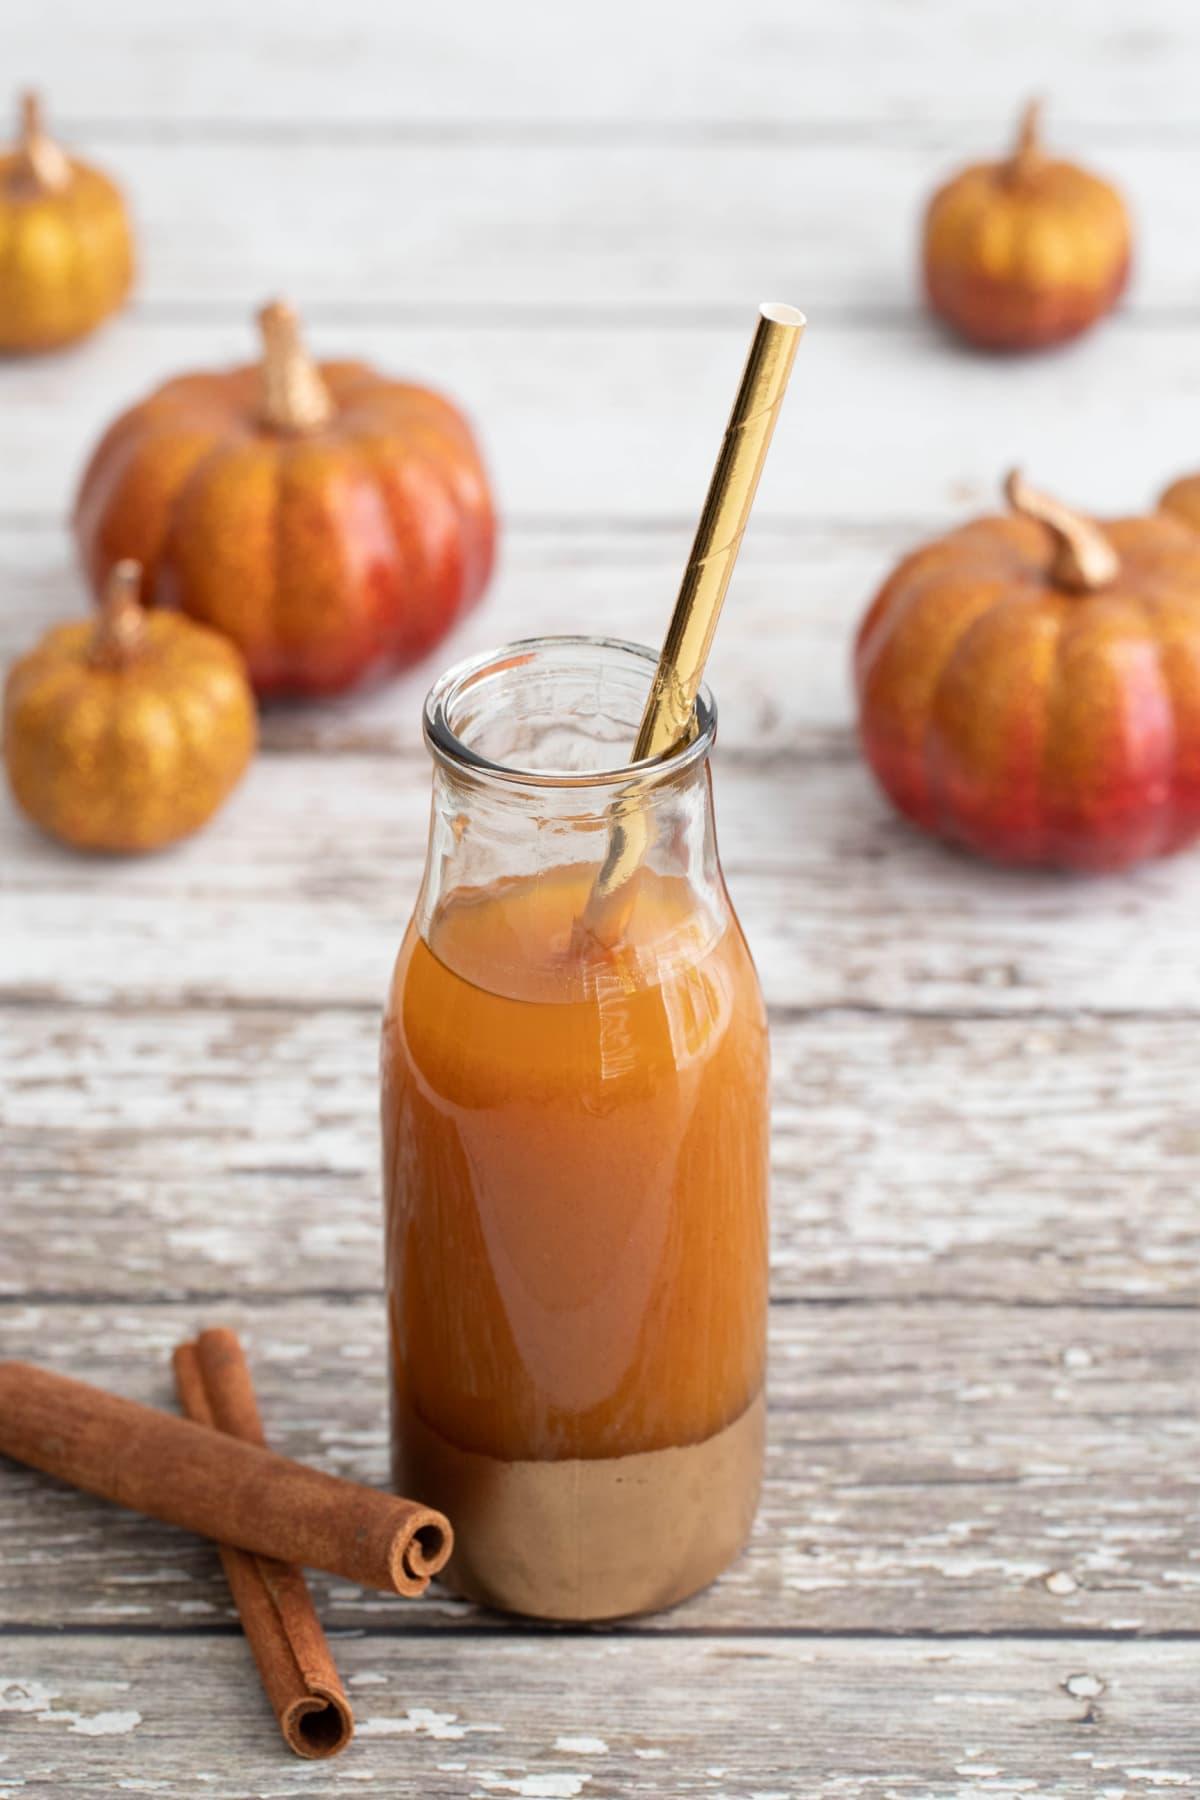 Pumpkin Juice with glittery pumpkins